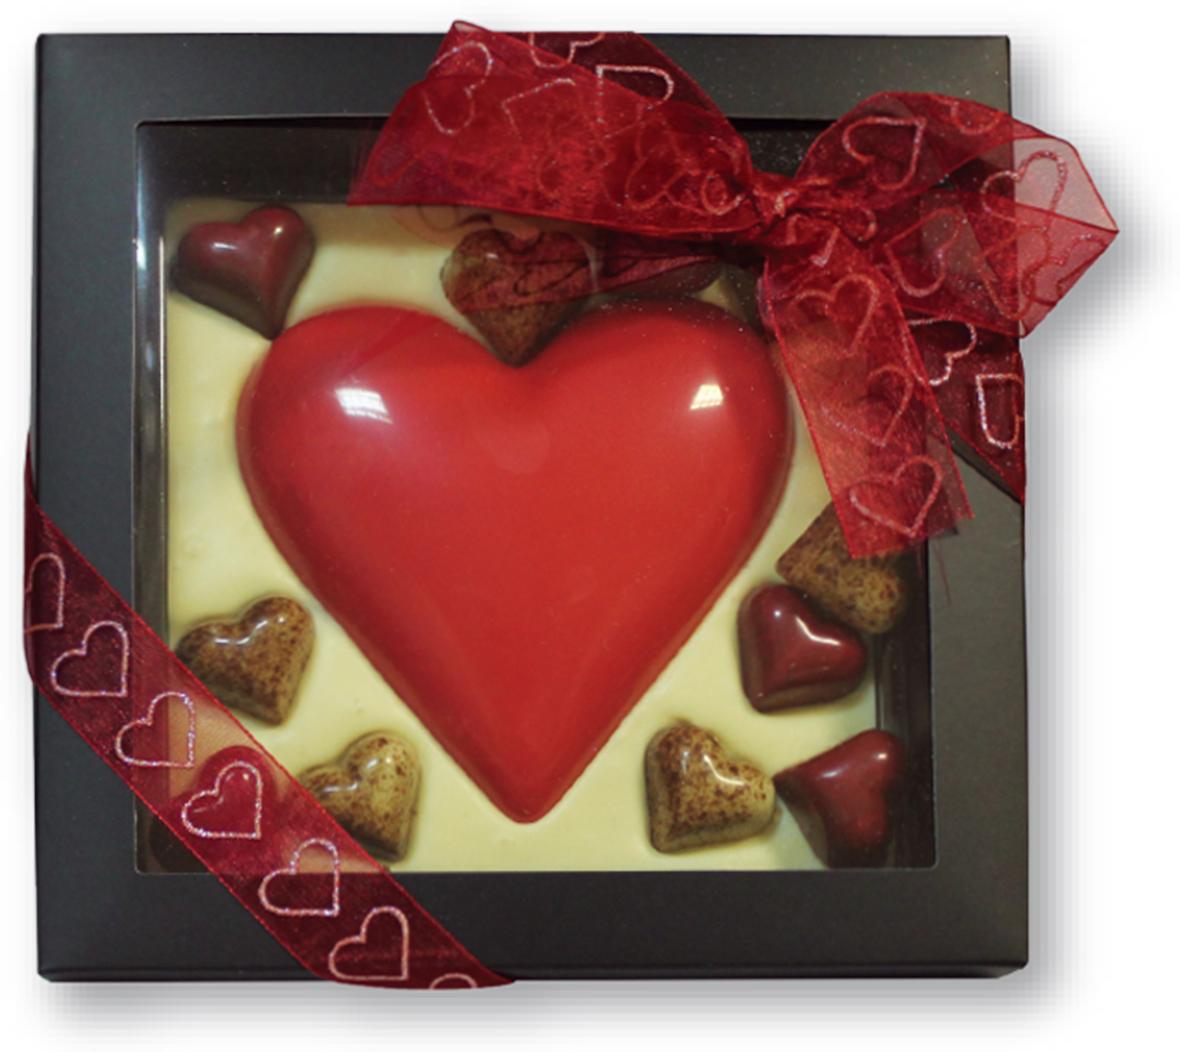 Chco Chocbar XL De Luxe Сердце с шоколадными конфетами, 380 г chco chocbar dark острый чили темный шоколад 60 г